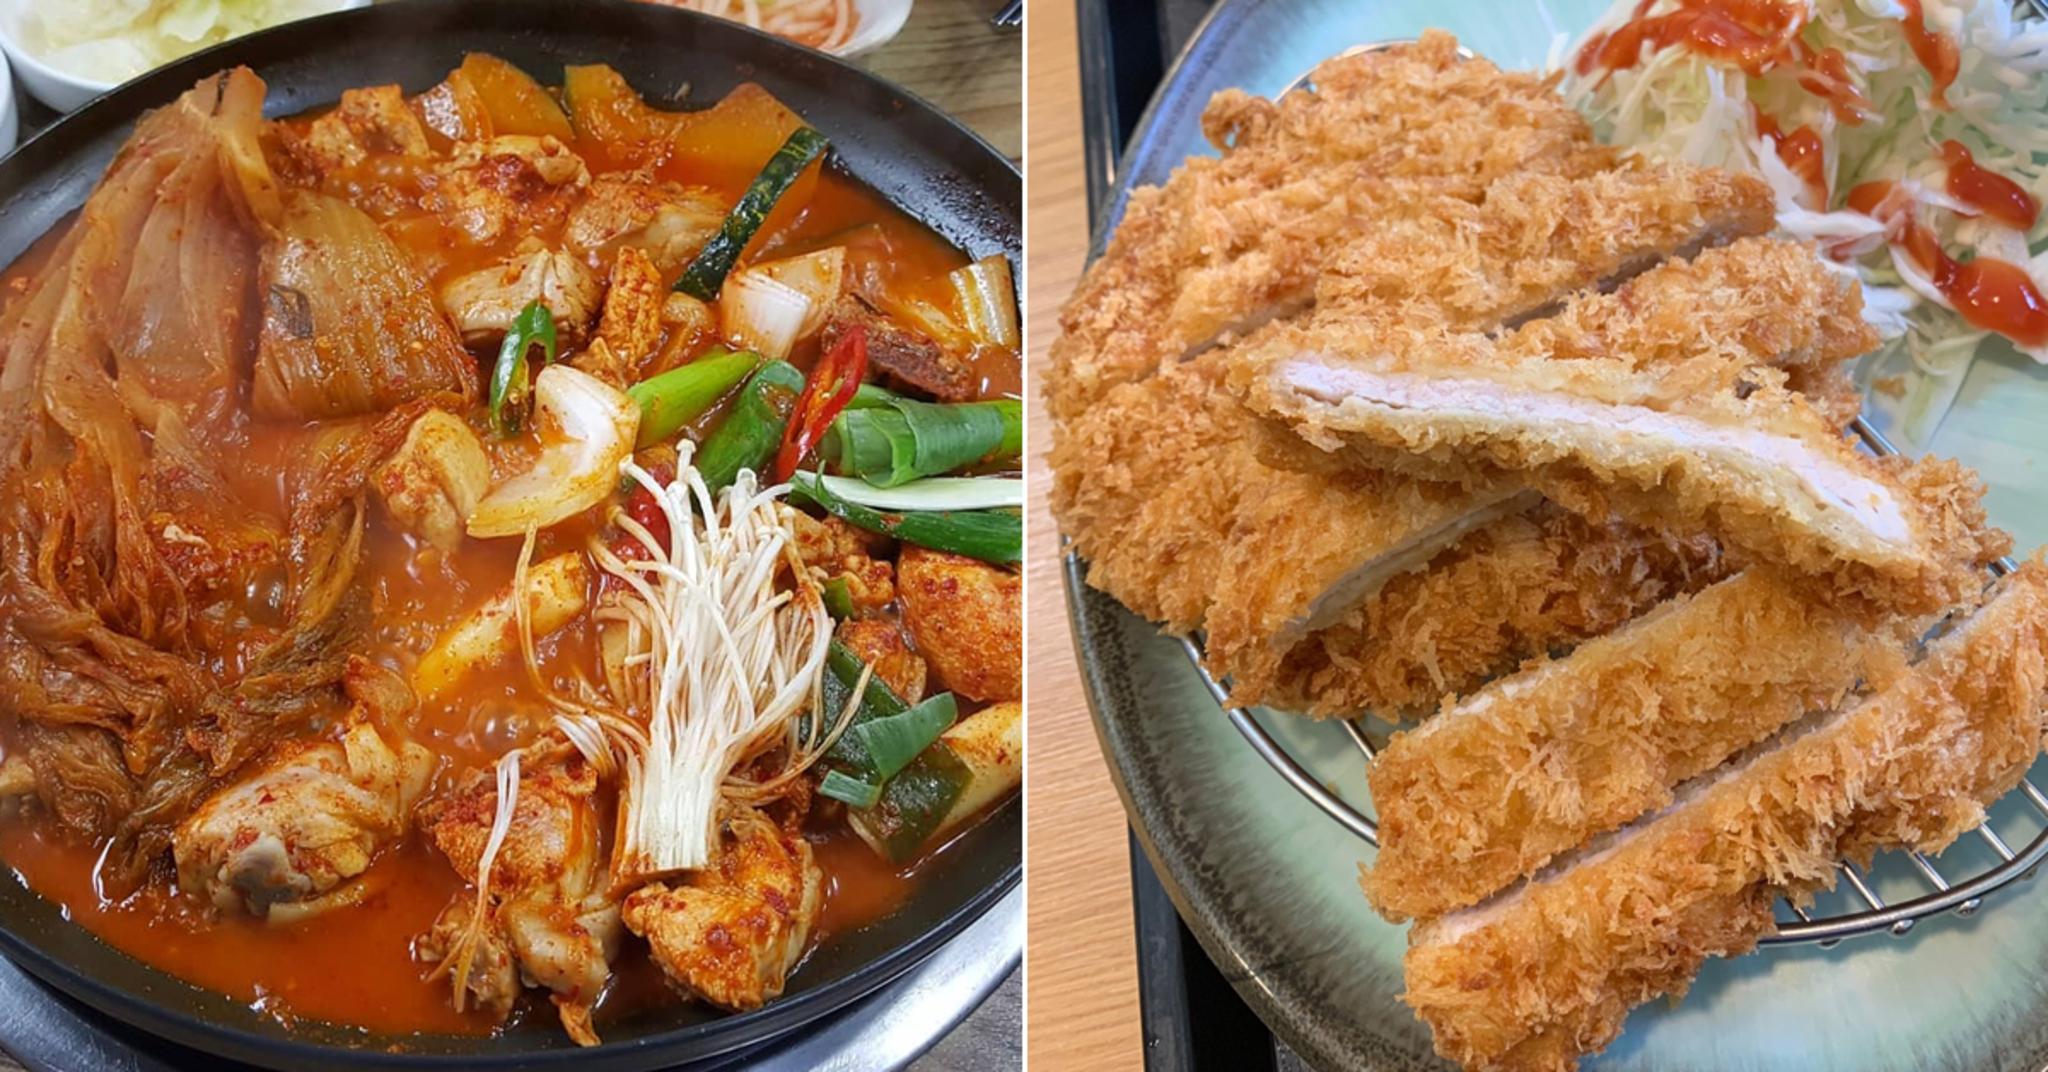 마포구 찐 맛집 추천 8곳 사진 - 마포 주민들은 좋겠다!